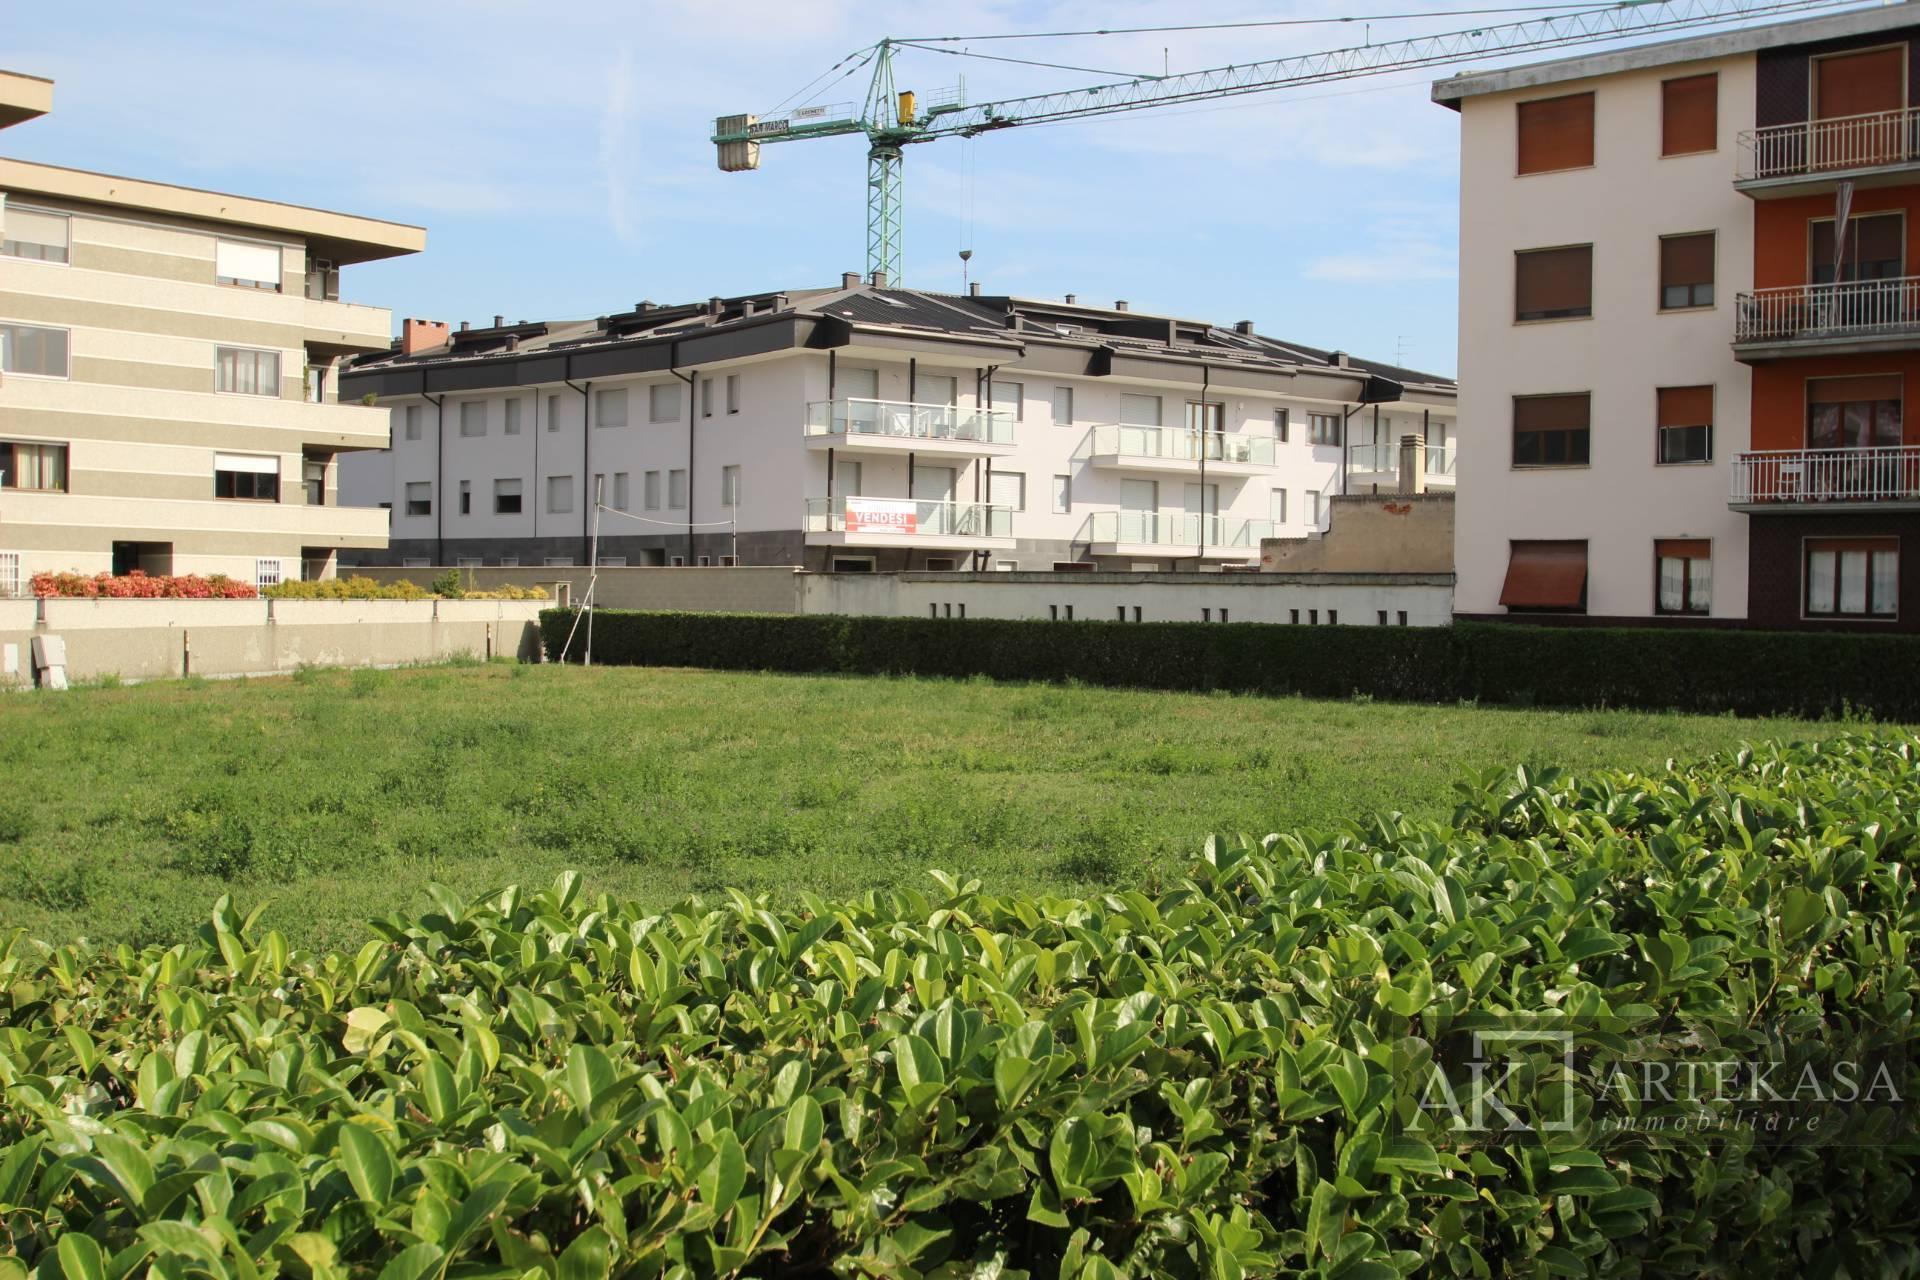 3 Locali Giardino Novara - San Martino